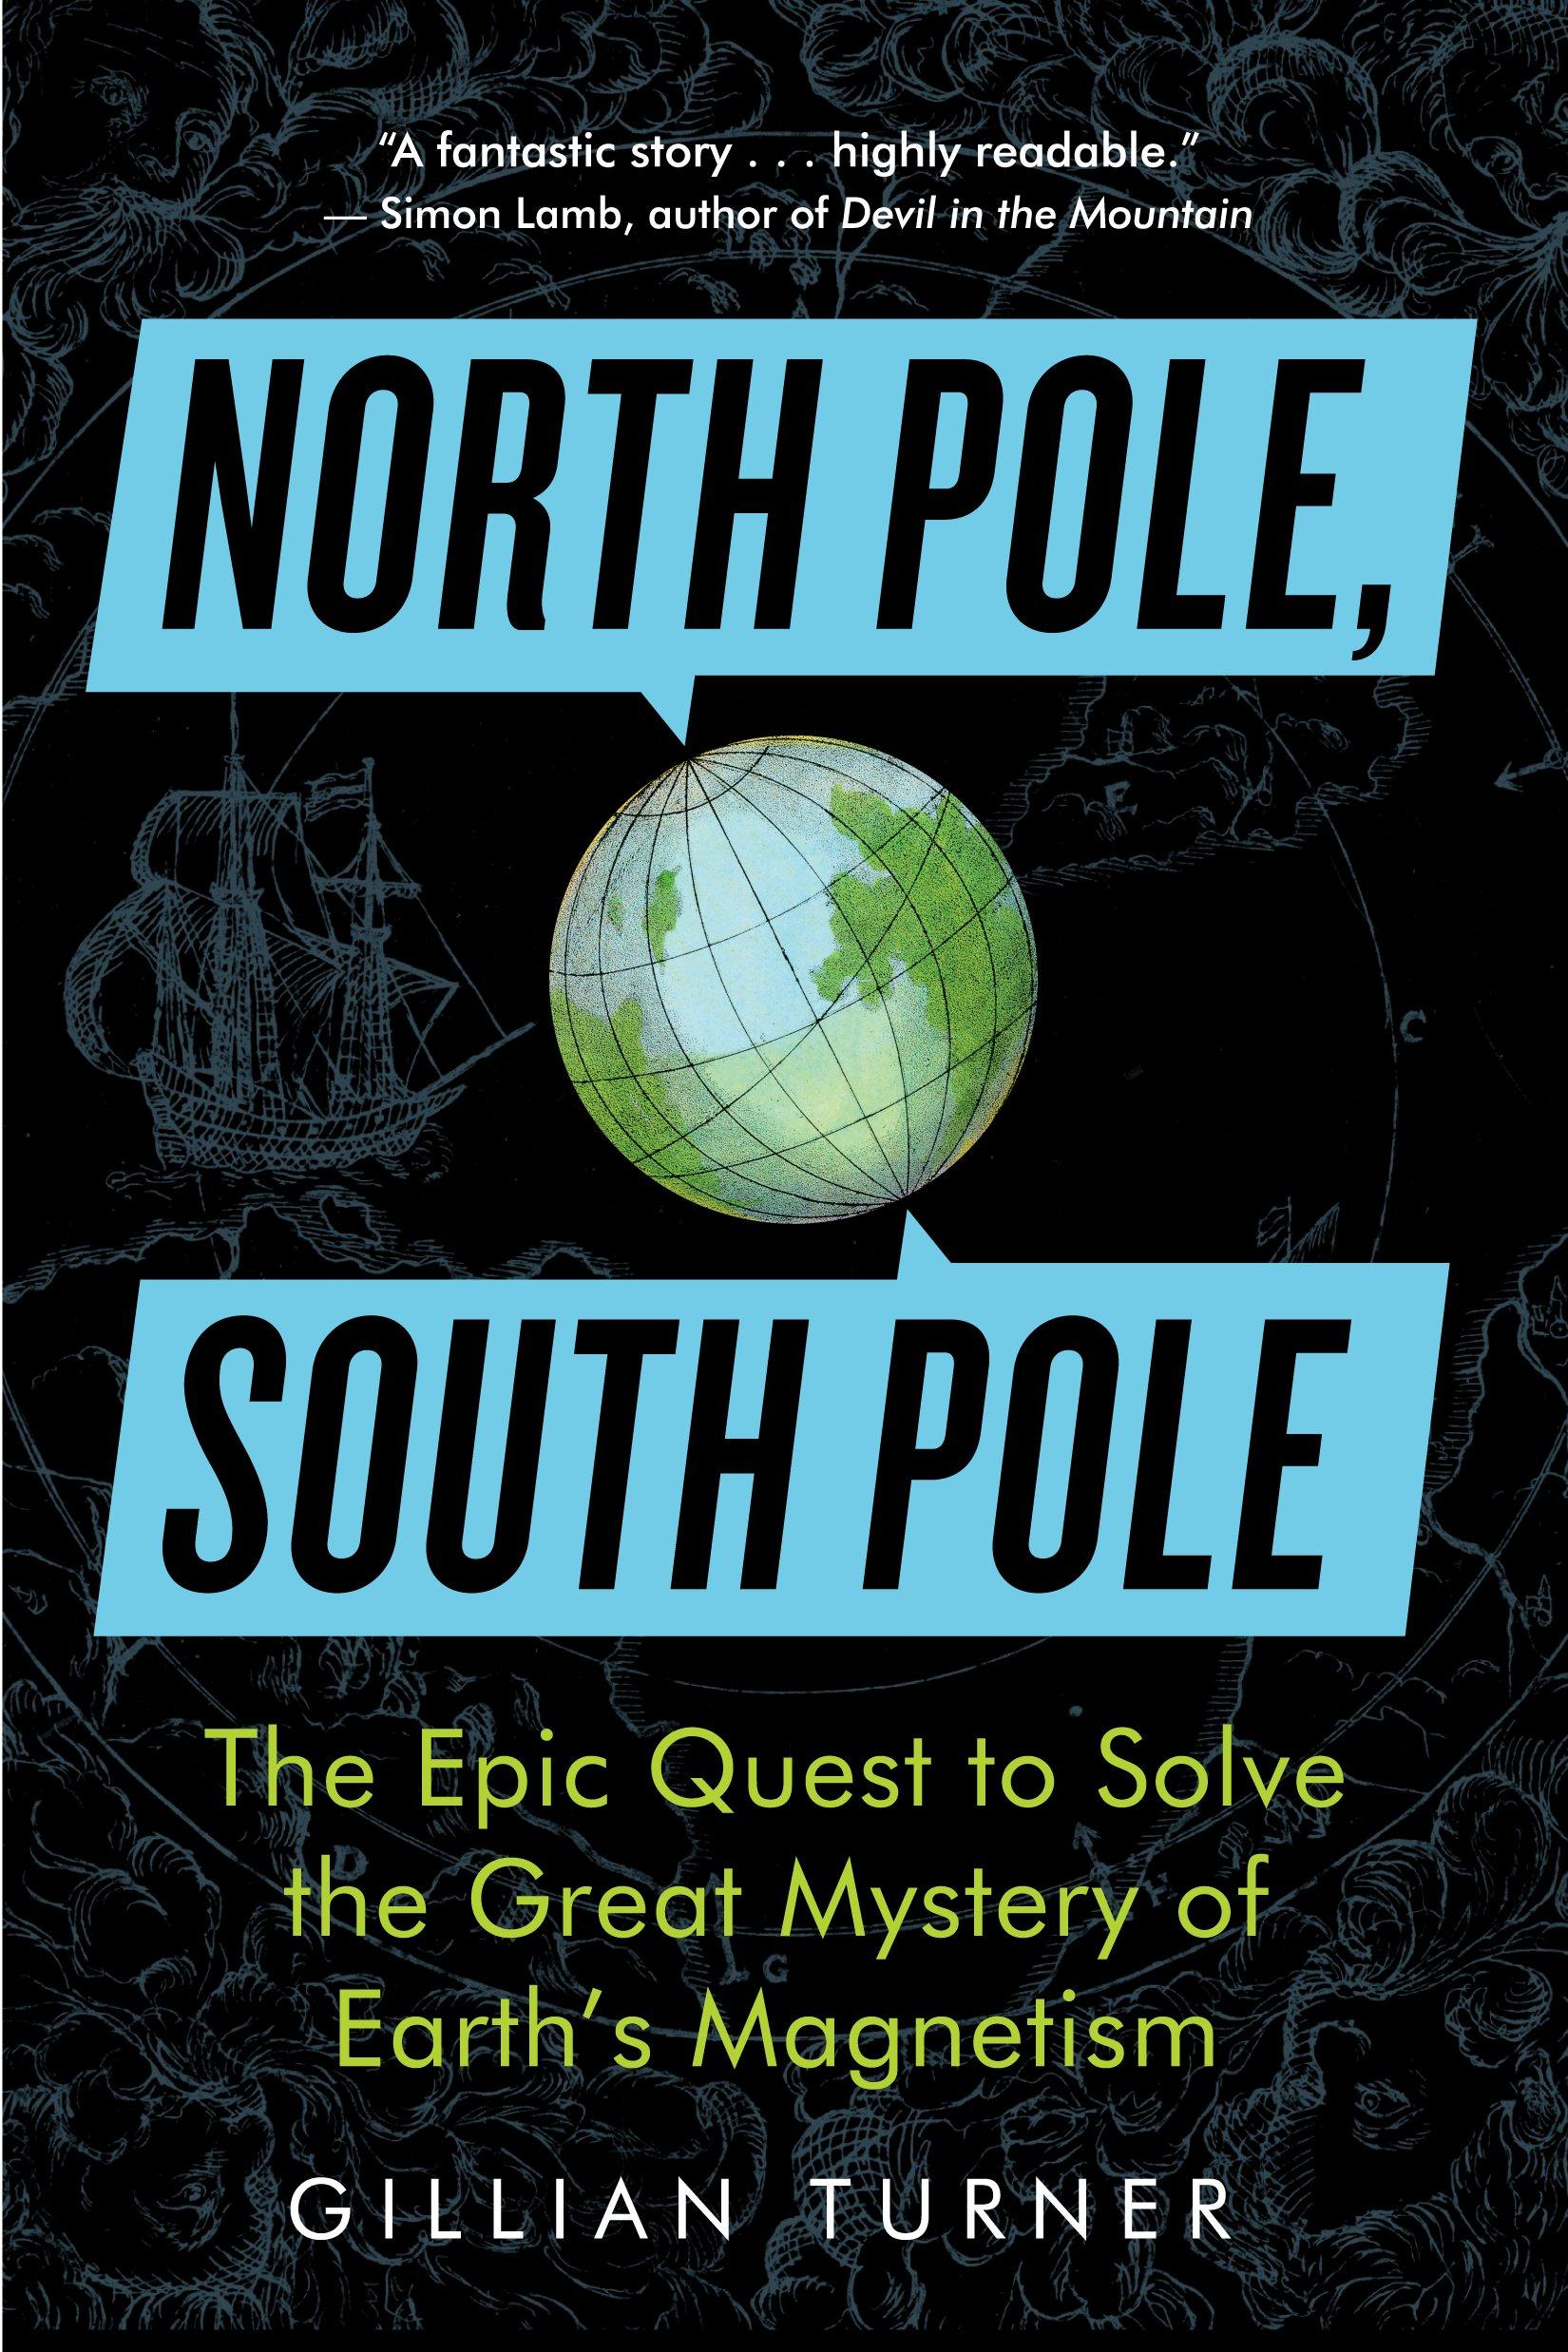 ผลการค้นหารูปภาพสำหรับ North Pole, South Pole  gillian